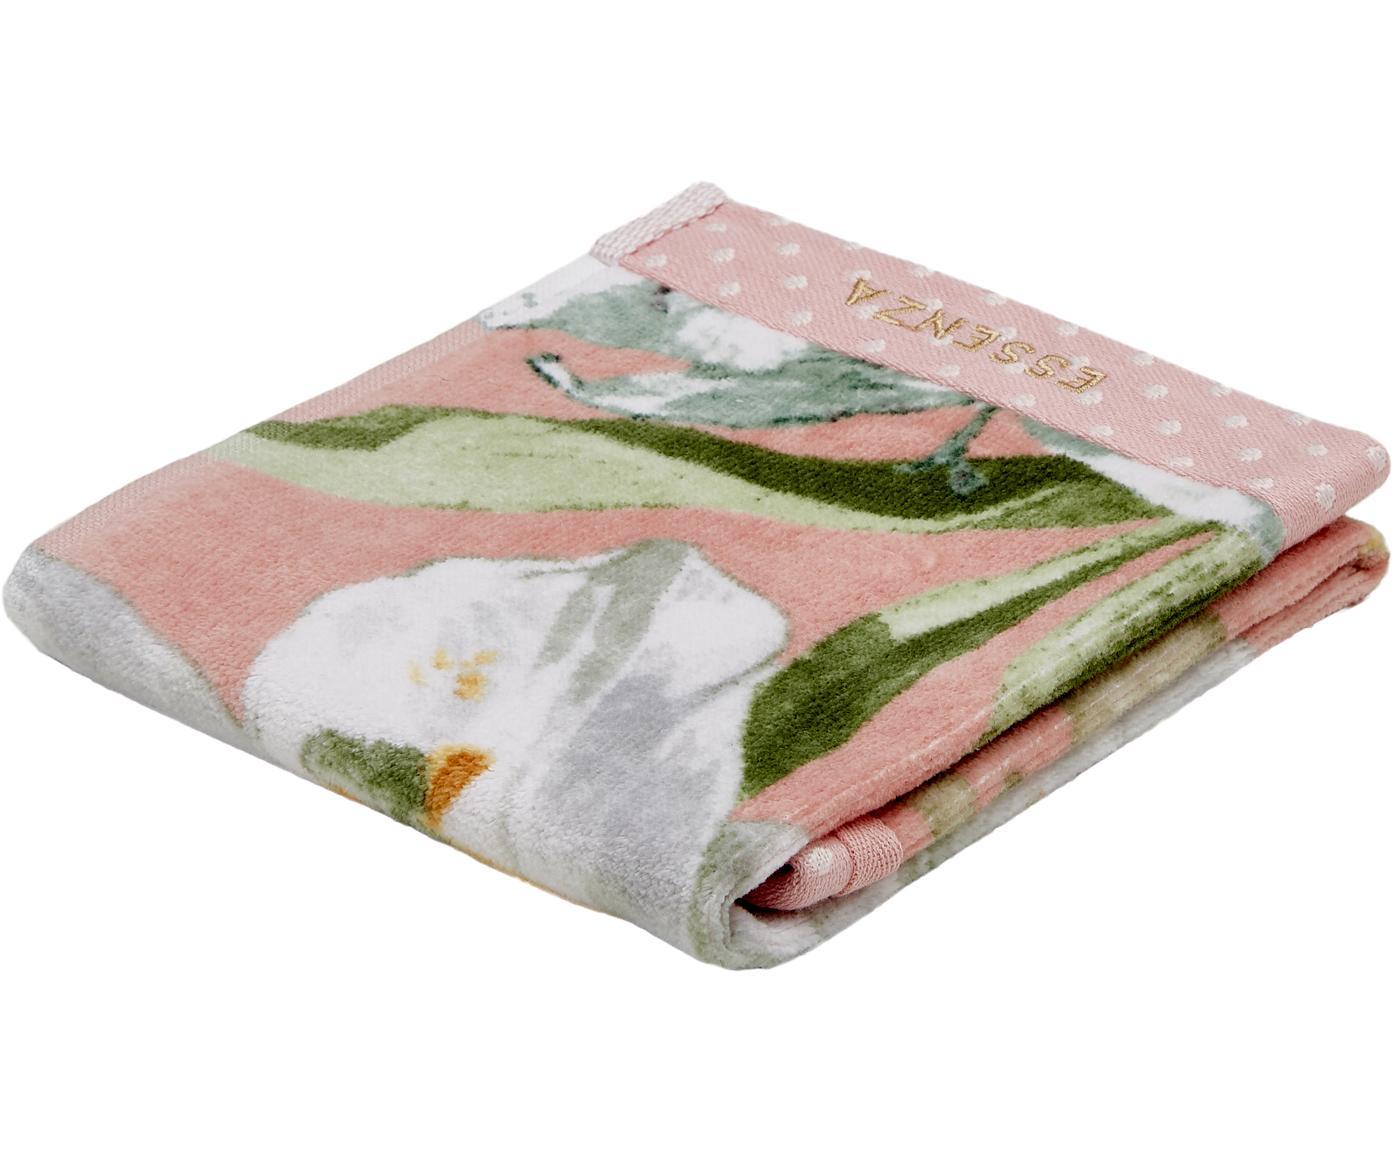 Handdoek Rosalee met bloemenpatroon, Katoen, Roze, wit, groen, oranje, Gastendoekje